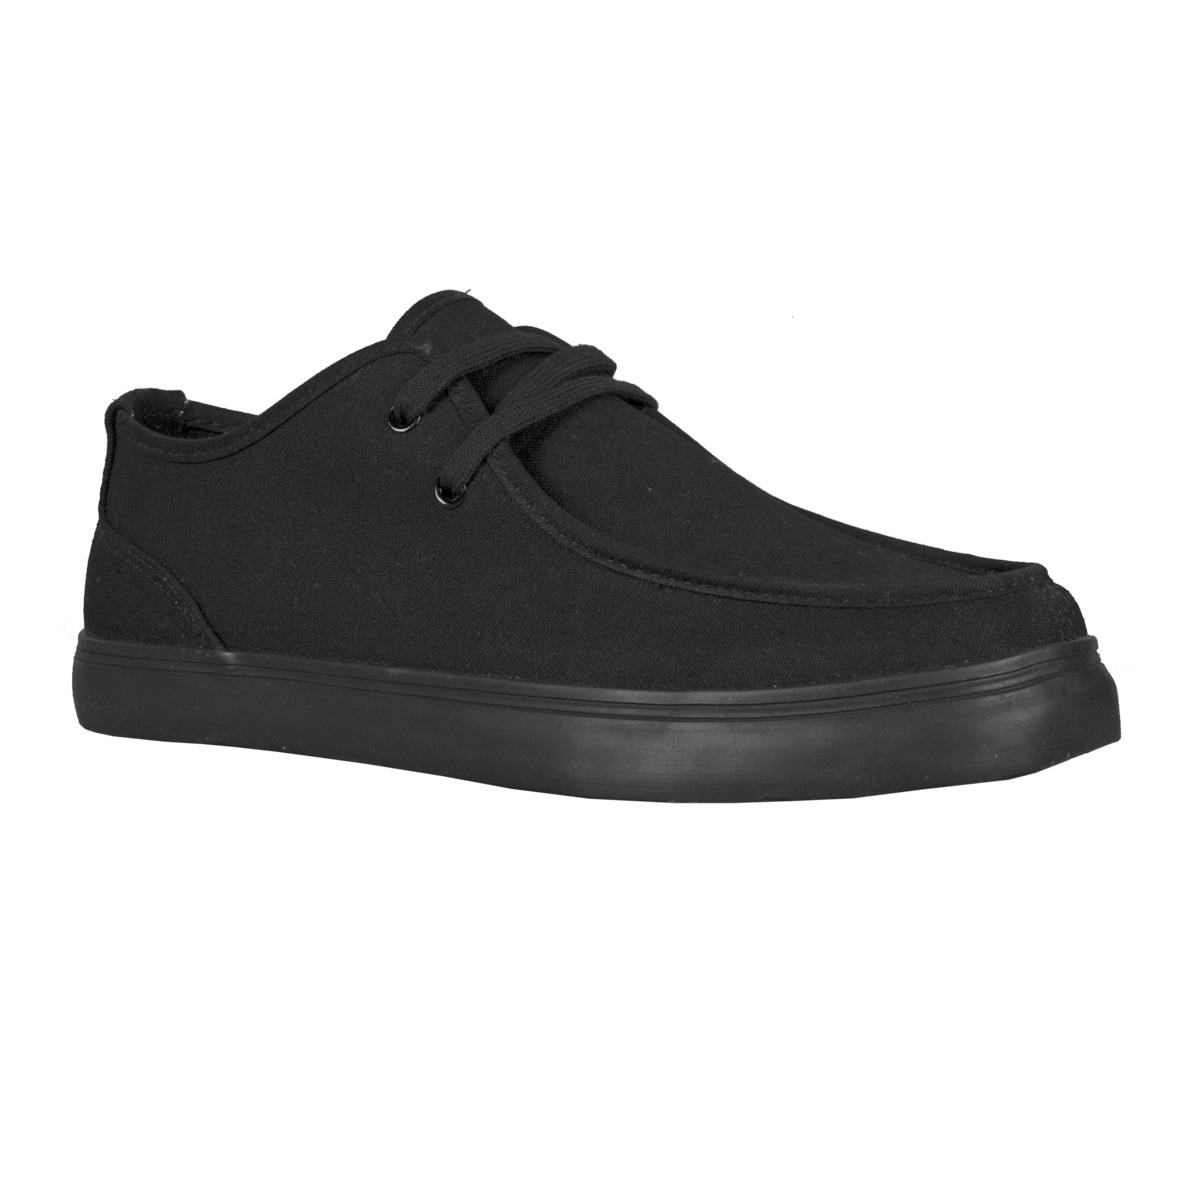 Lugz Mens Sparks Canvas Black Shoes